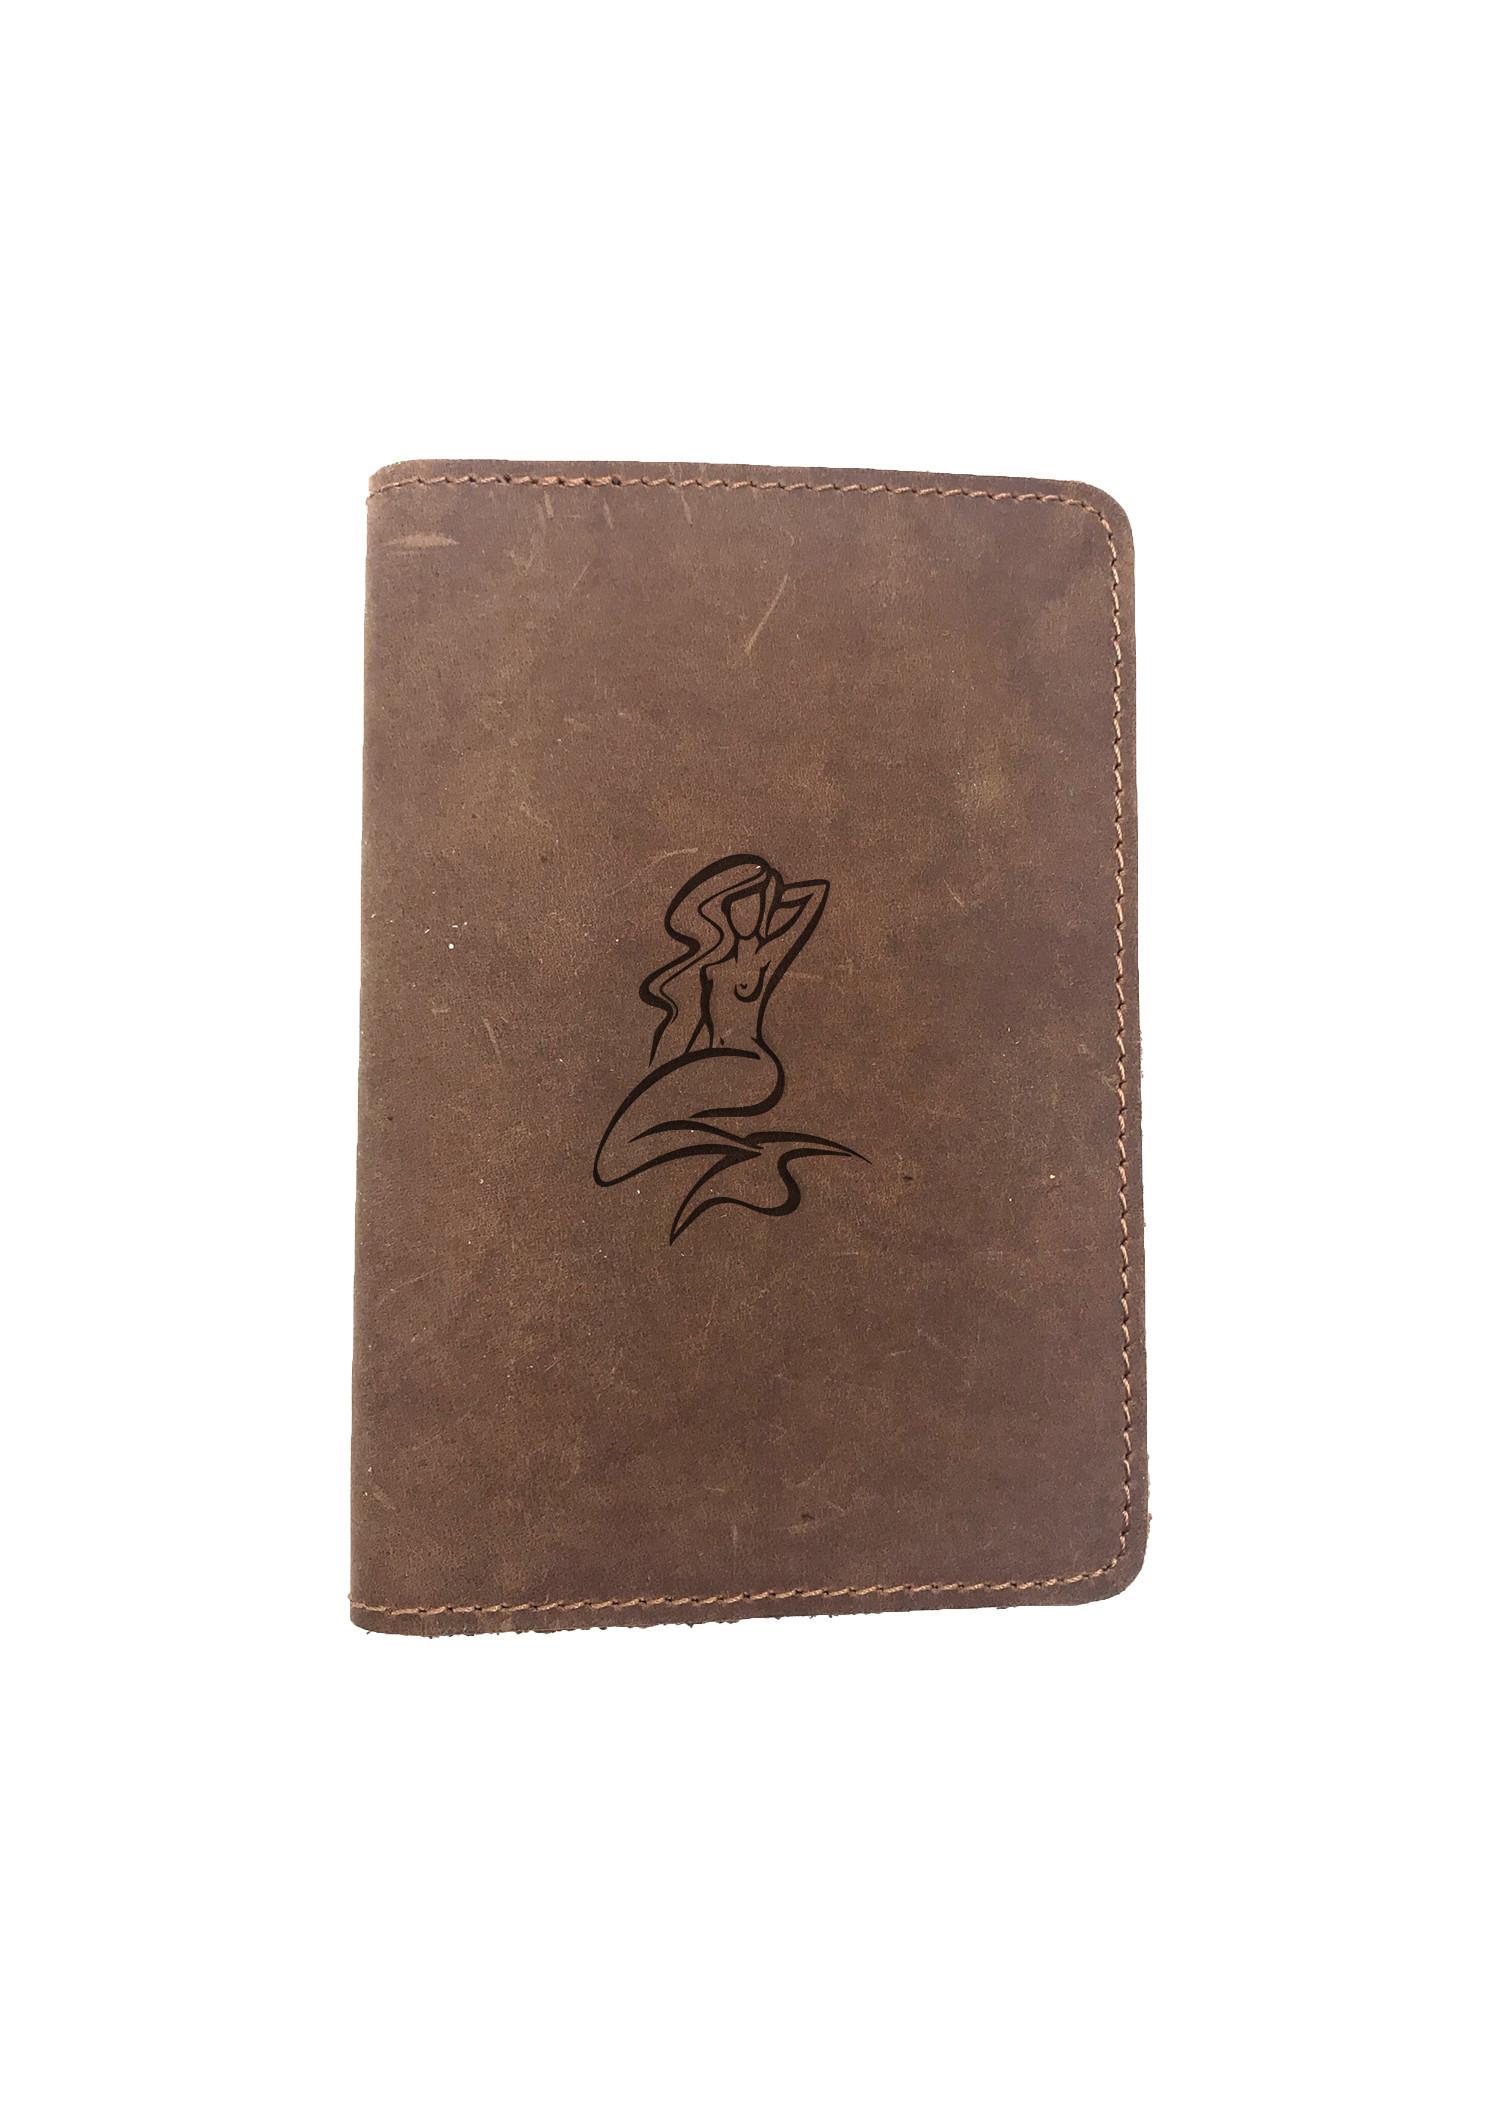 Passport Cover Bao Da Hộ Chiếu Da Sáp Khắc Hình Nàng tiên cá MERMAID (BROWN)